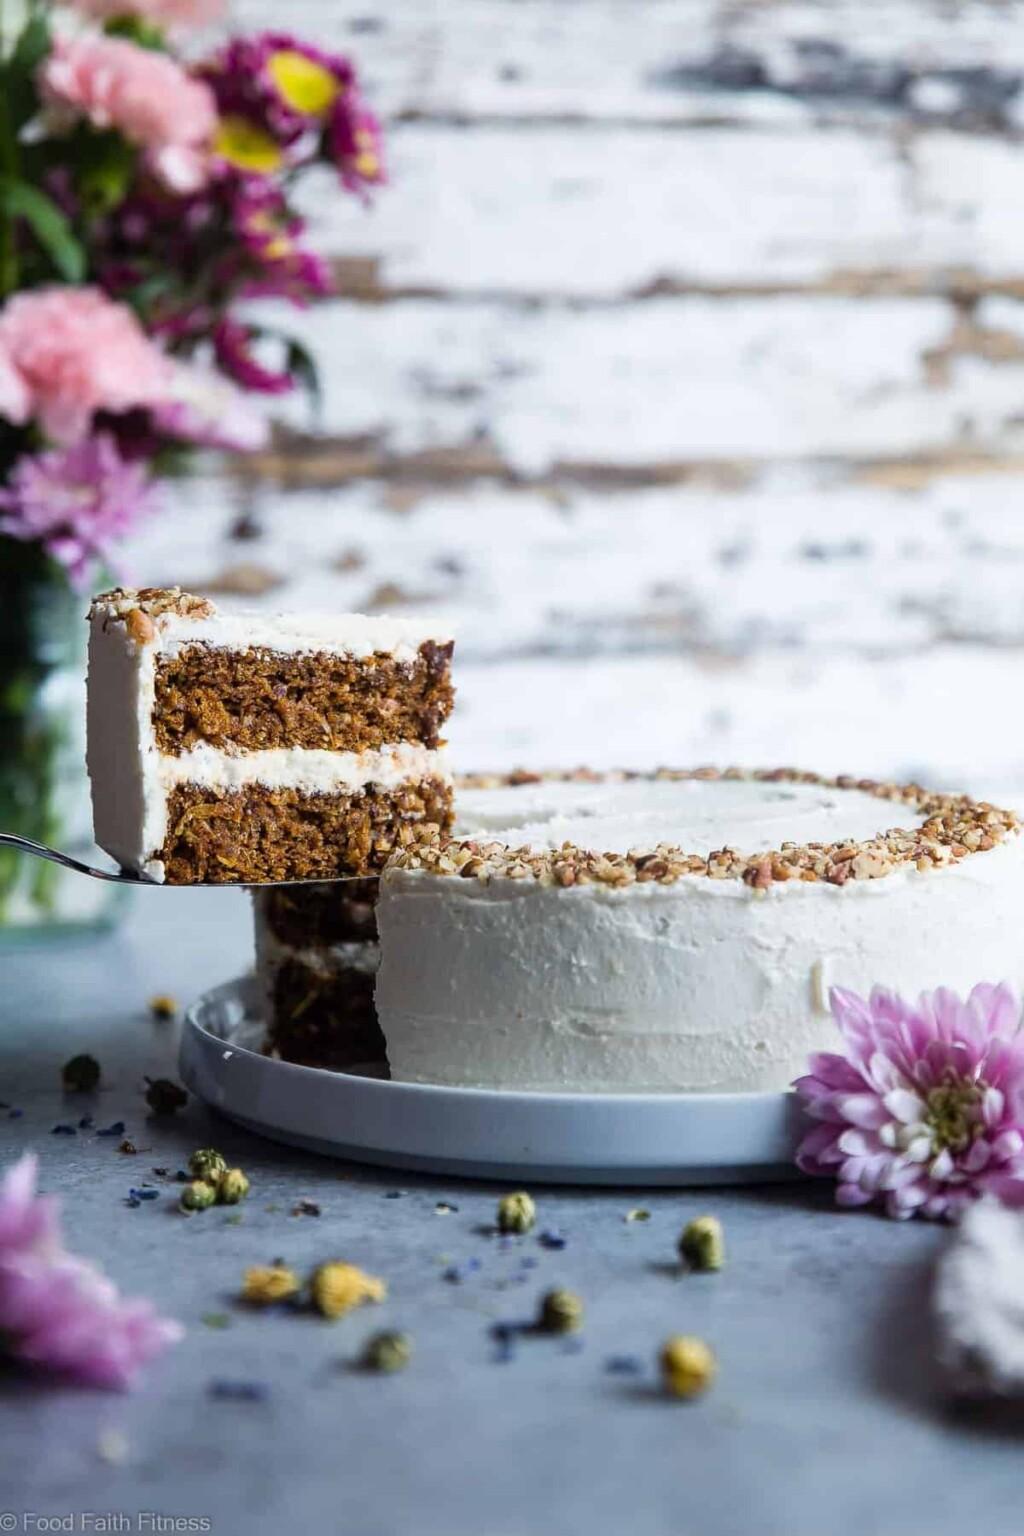 vegan gluten free dairy free carrot cake pic